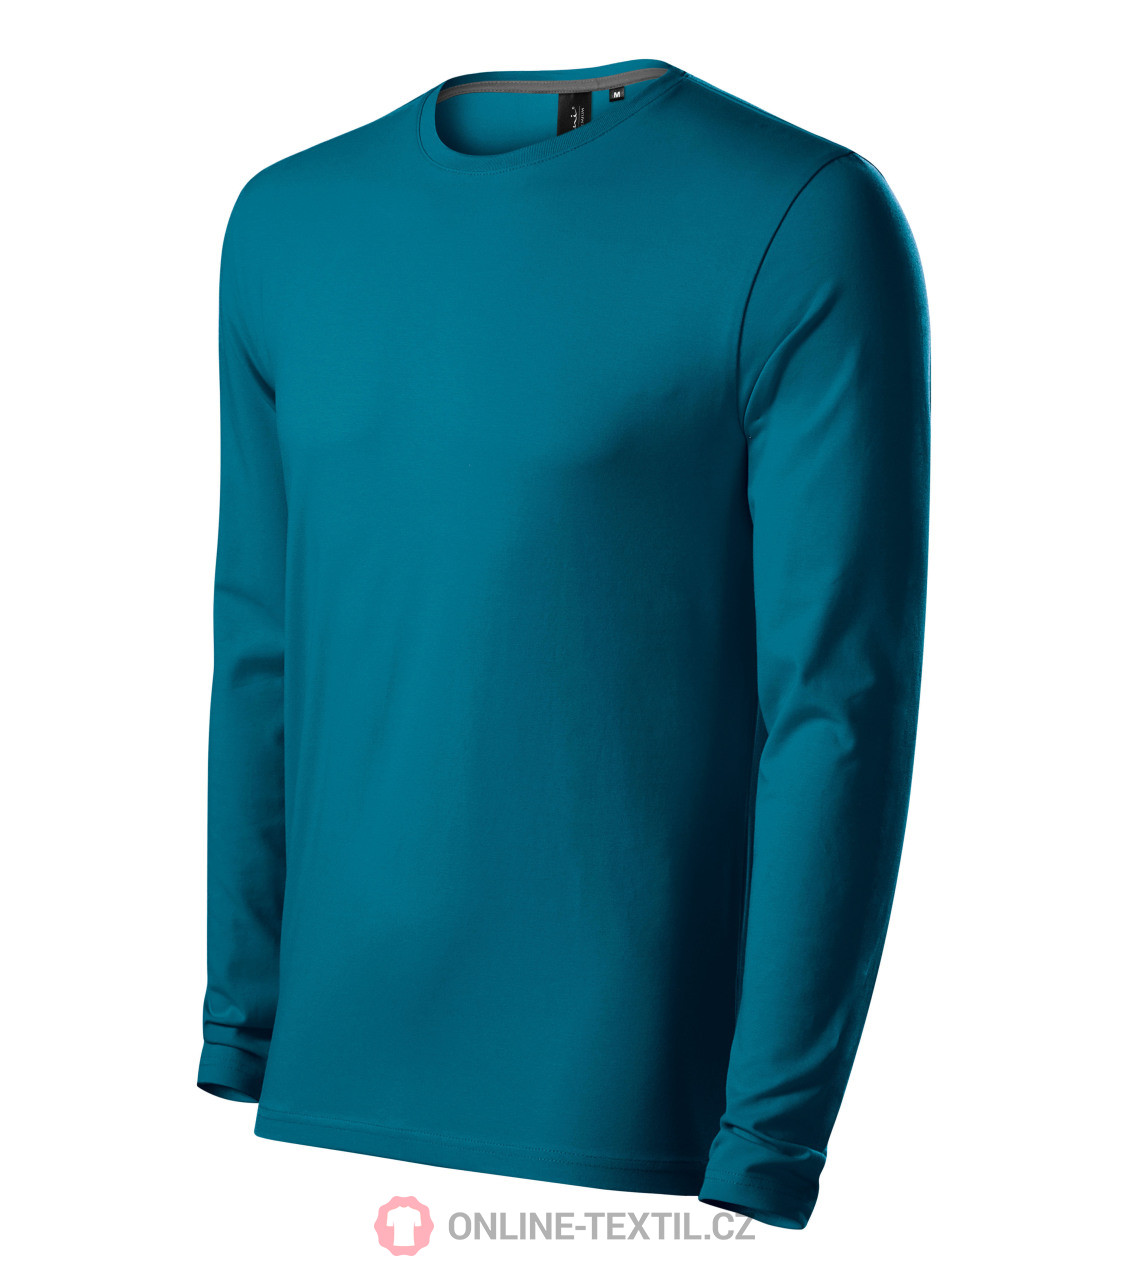 ce36fa099 ADLER CZECH Prémiové tričko Brave pánske s dlhým rukávom 155 ...